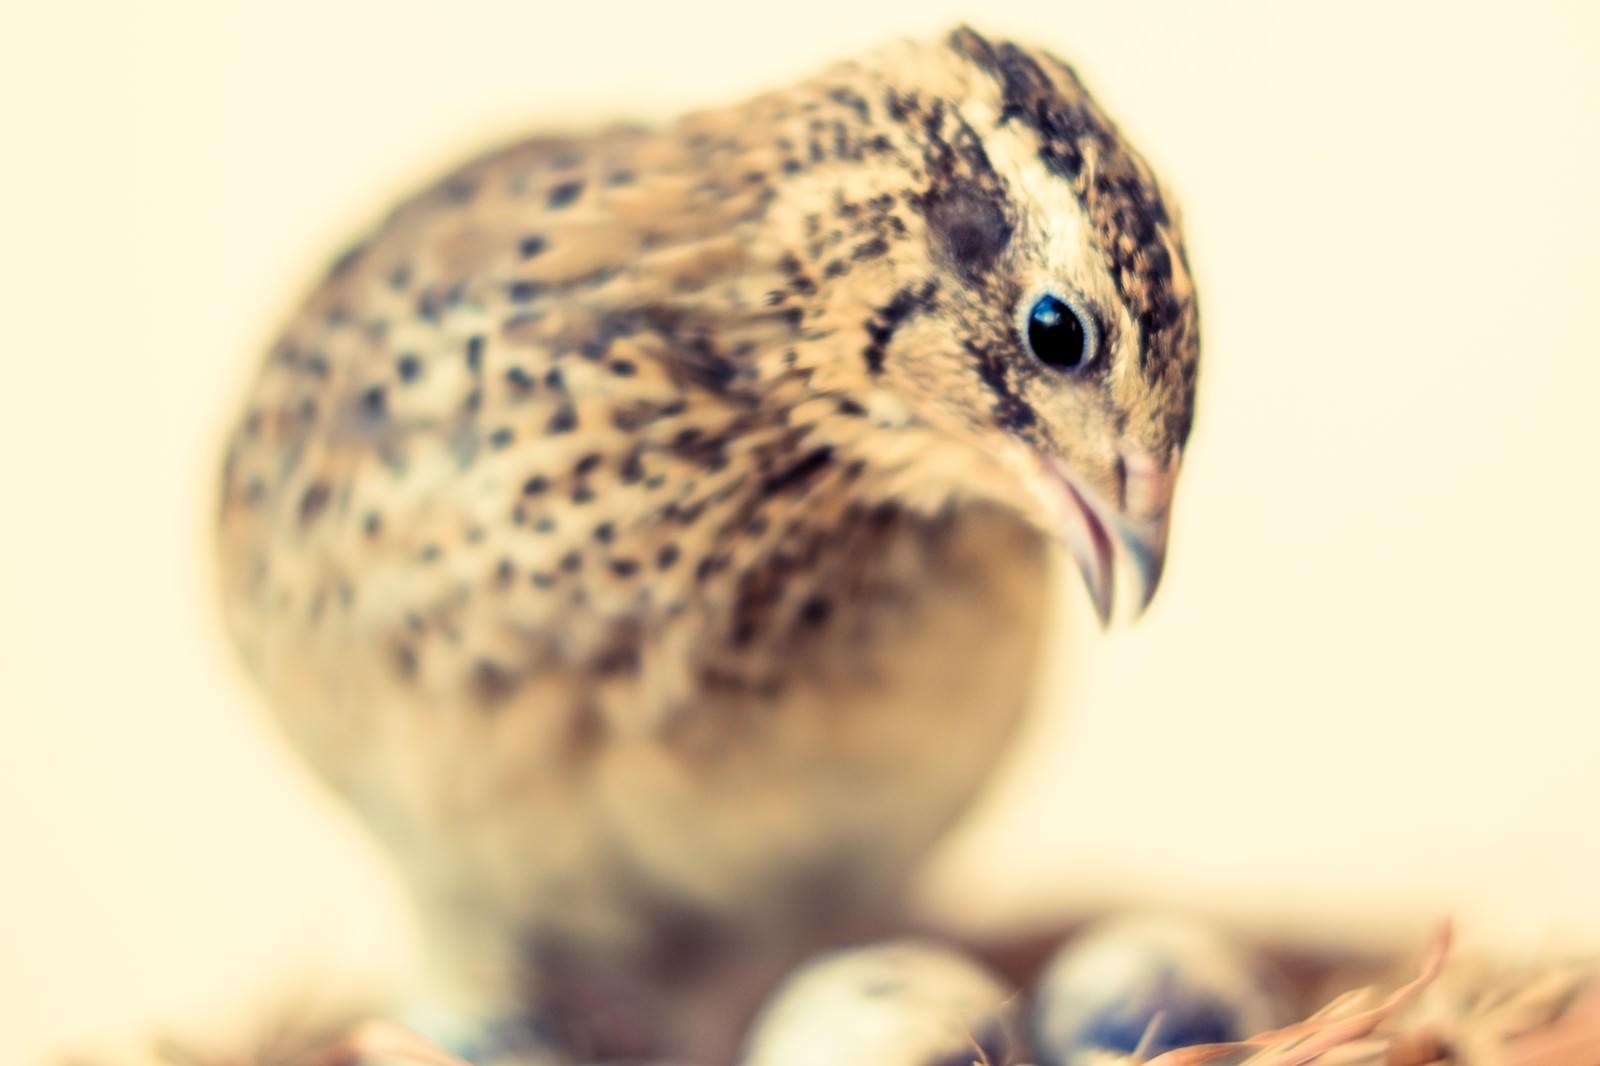 「孵化を見守る親鳥(うずら)」の写真